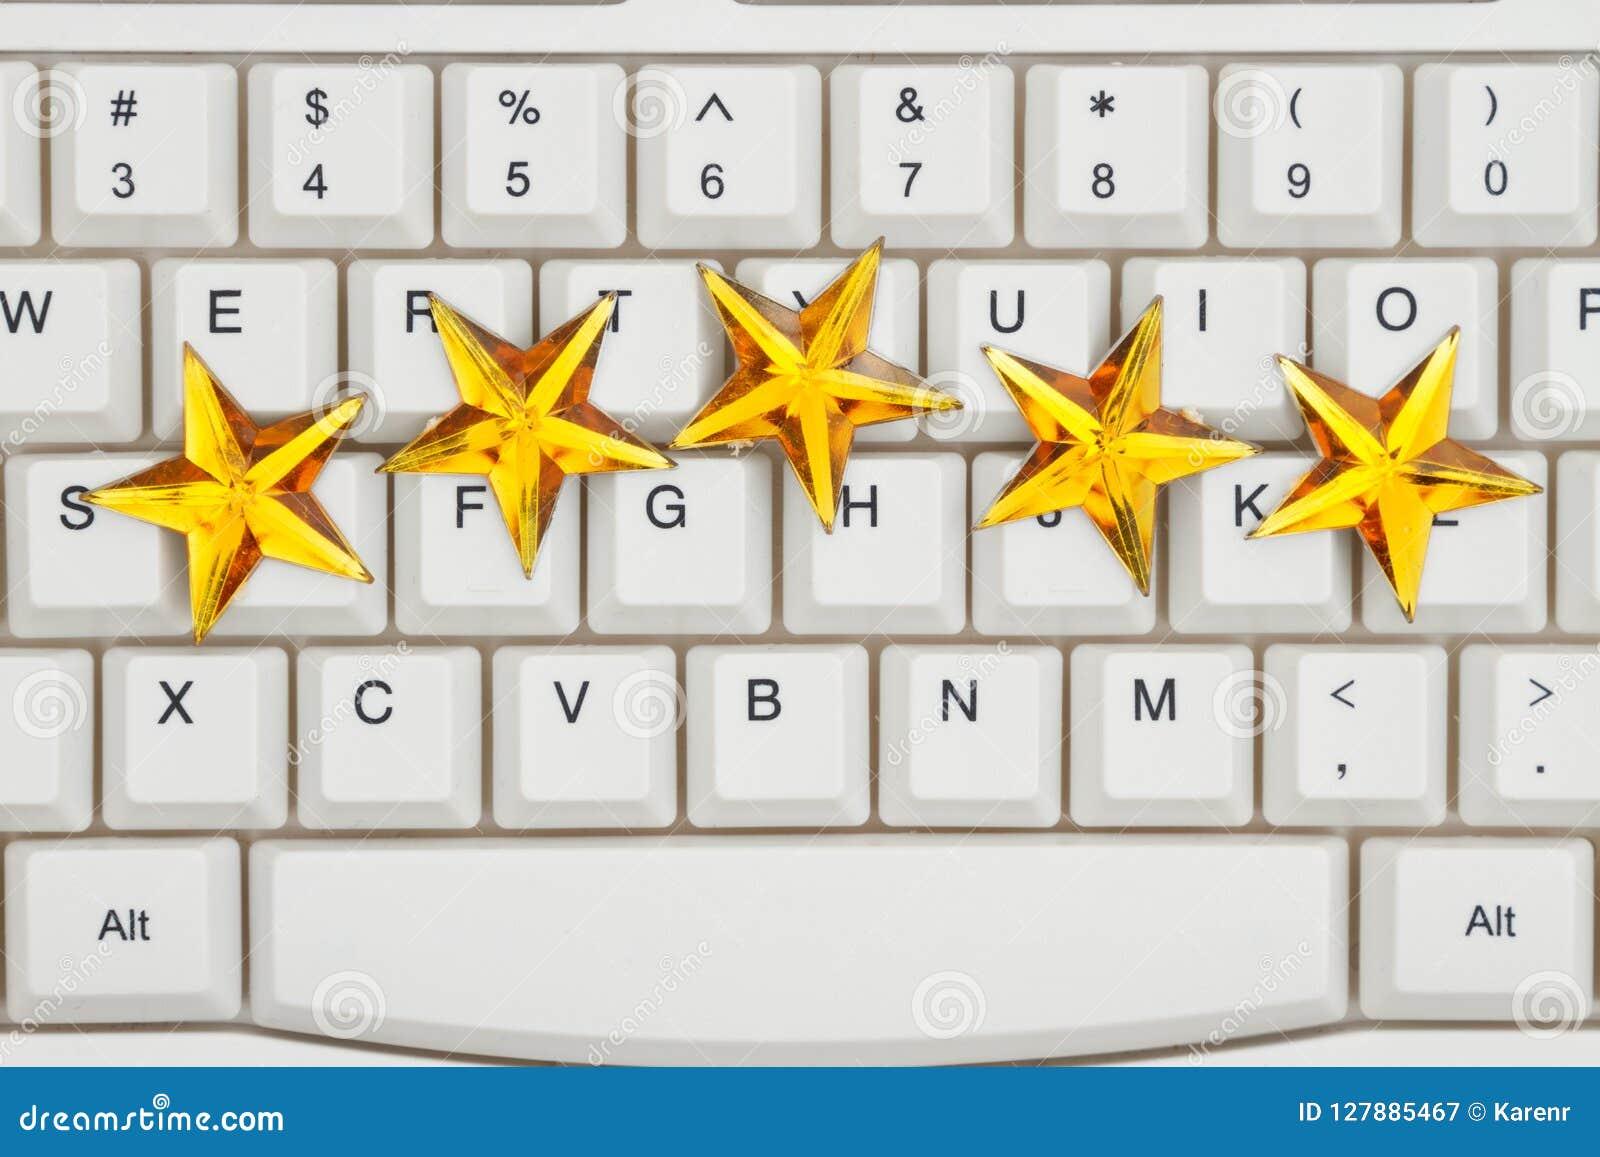 Fünf Goldsterne auf einer Tastatur